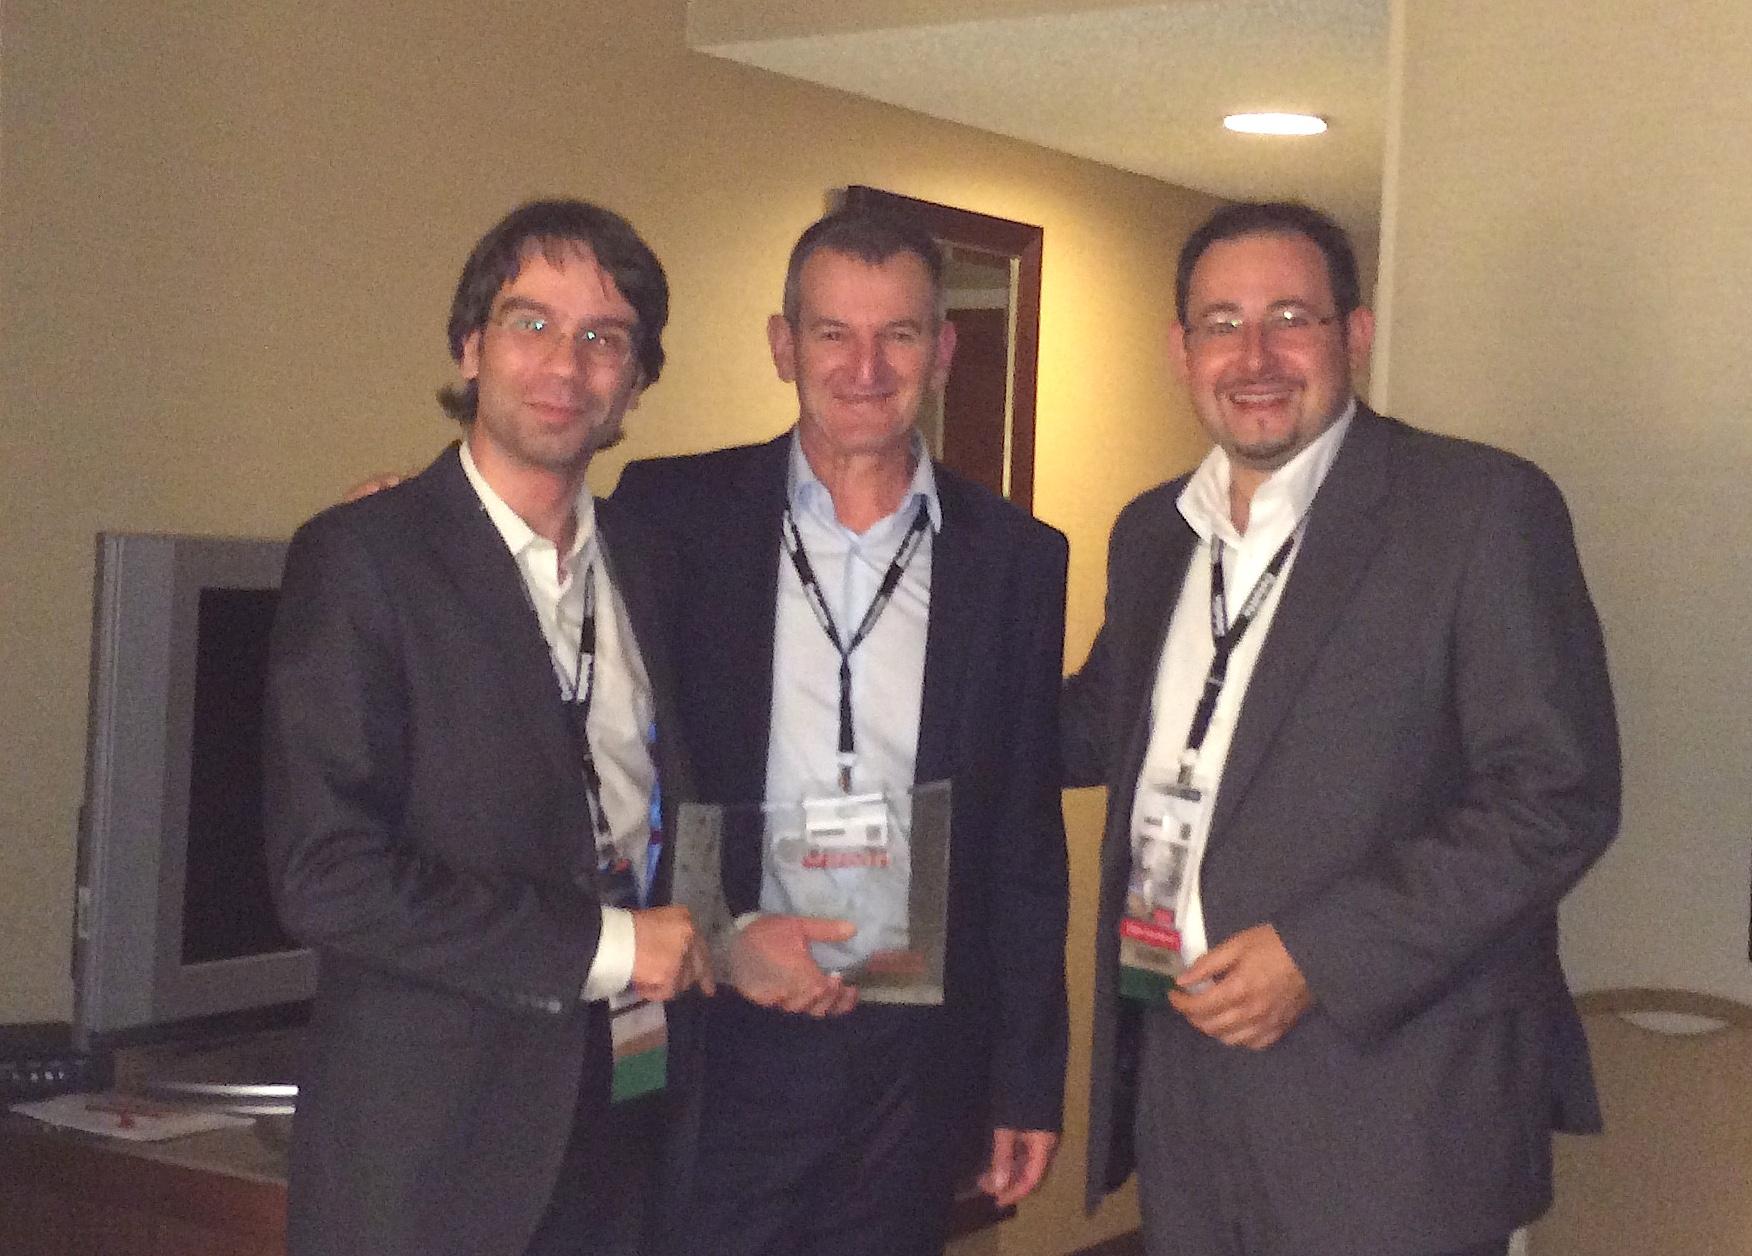 Nuestro director de la Unidad de Negocio, Ricardo Riguera, y nuestro Dir. General, Luis Alves, recibiendo el premio de mano de Jean-Luc Spagnol, Sr. Director Alliances in EMEA en Oracle